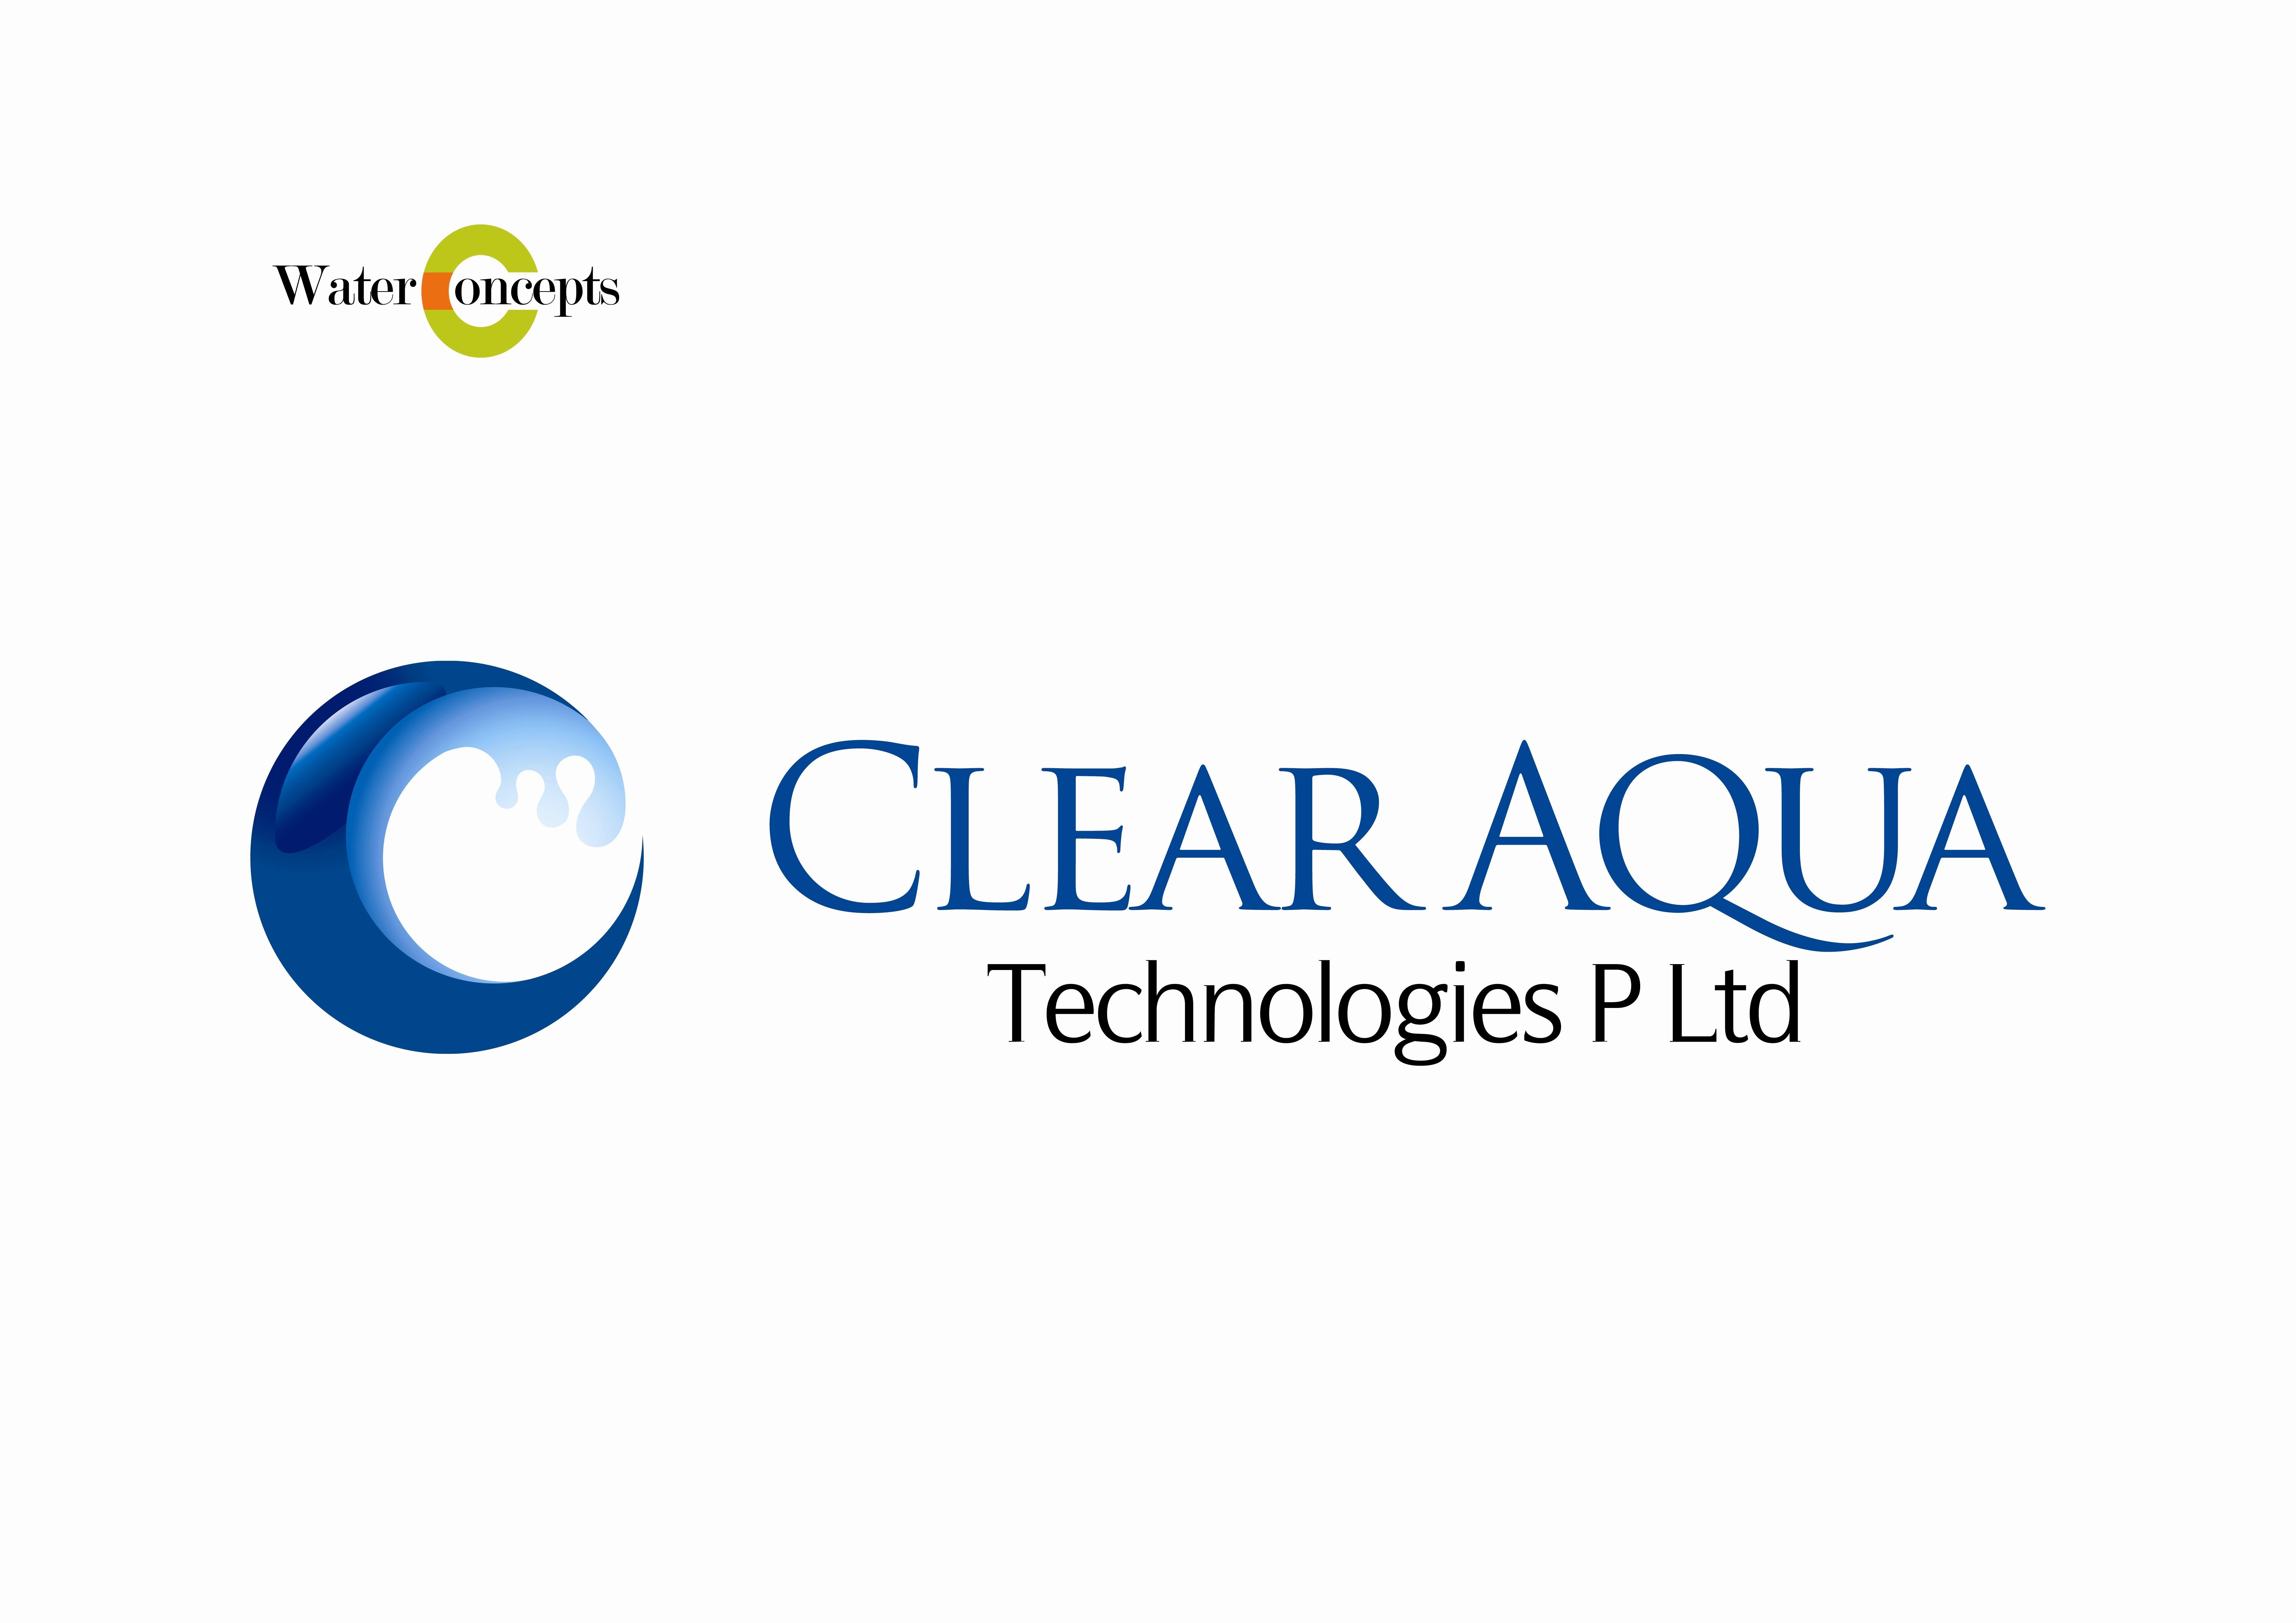 CLEAR AQUA TECHNOLOGIES PRIVATE LTD